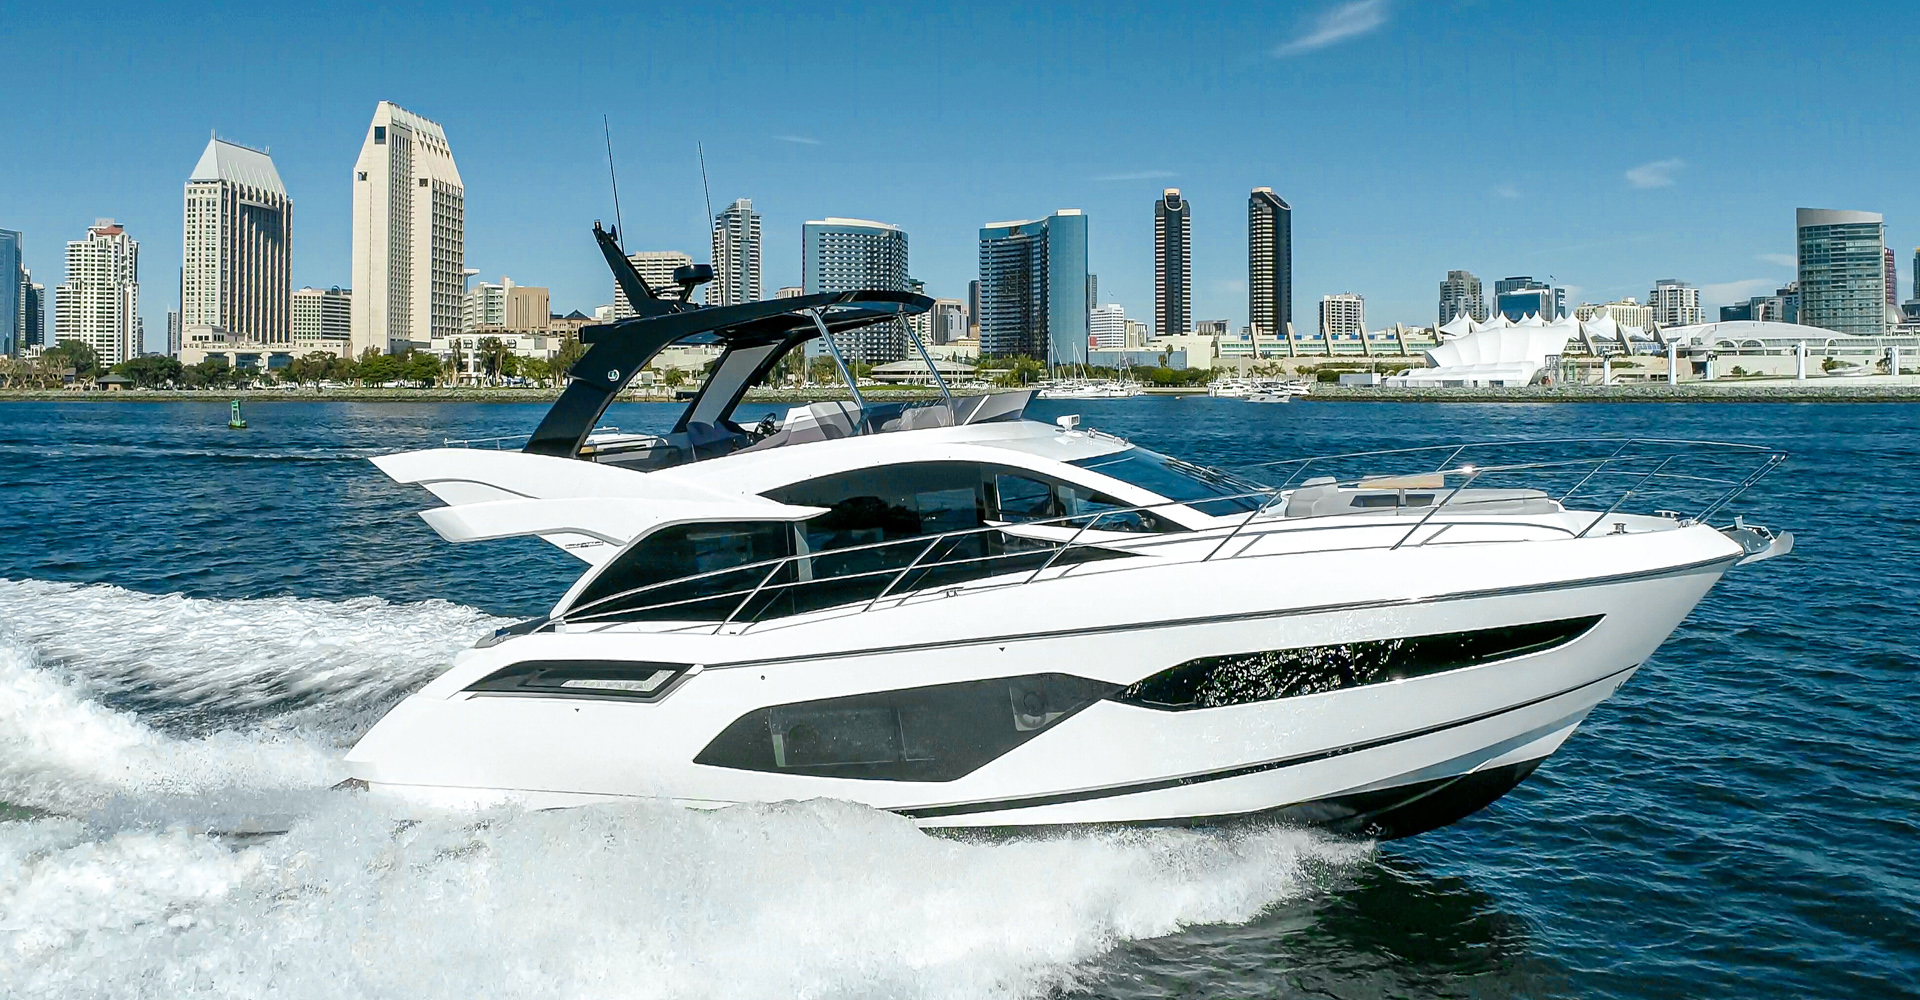 Sunseeker Manhatten 55 yacht exterior photo